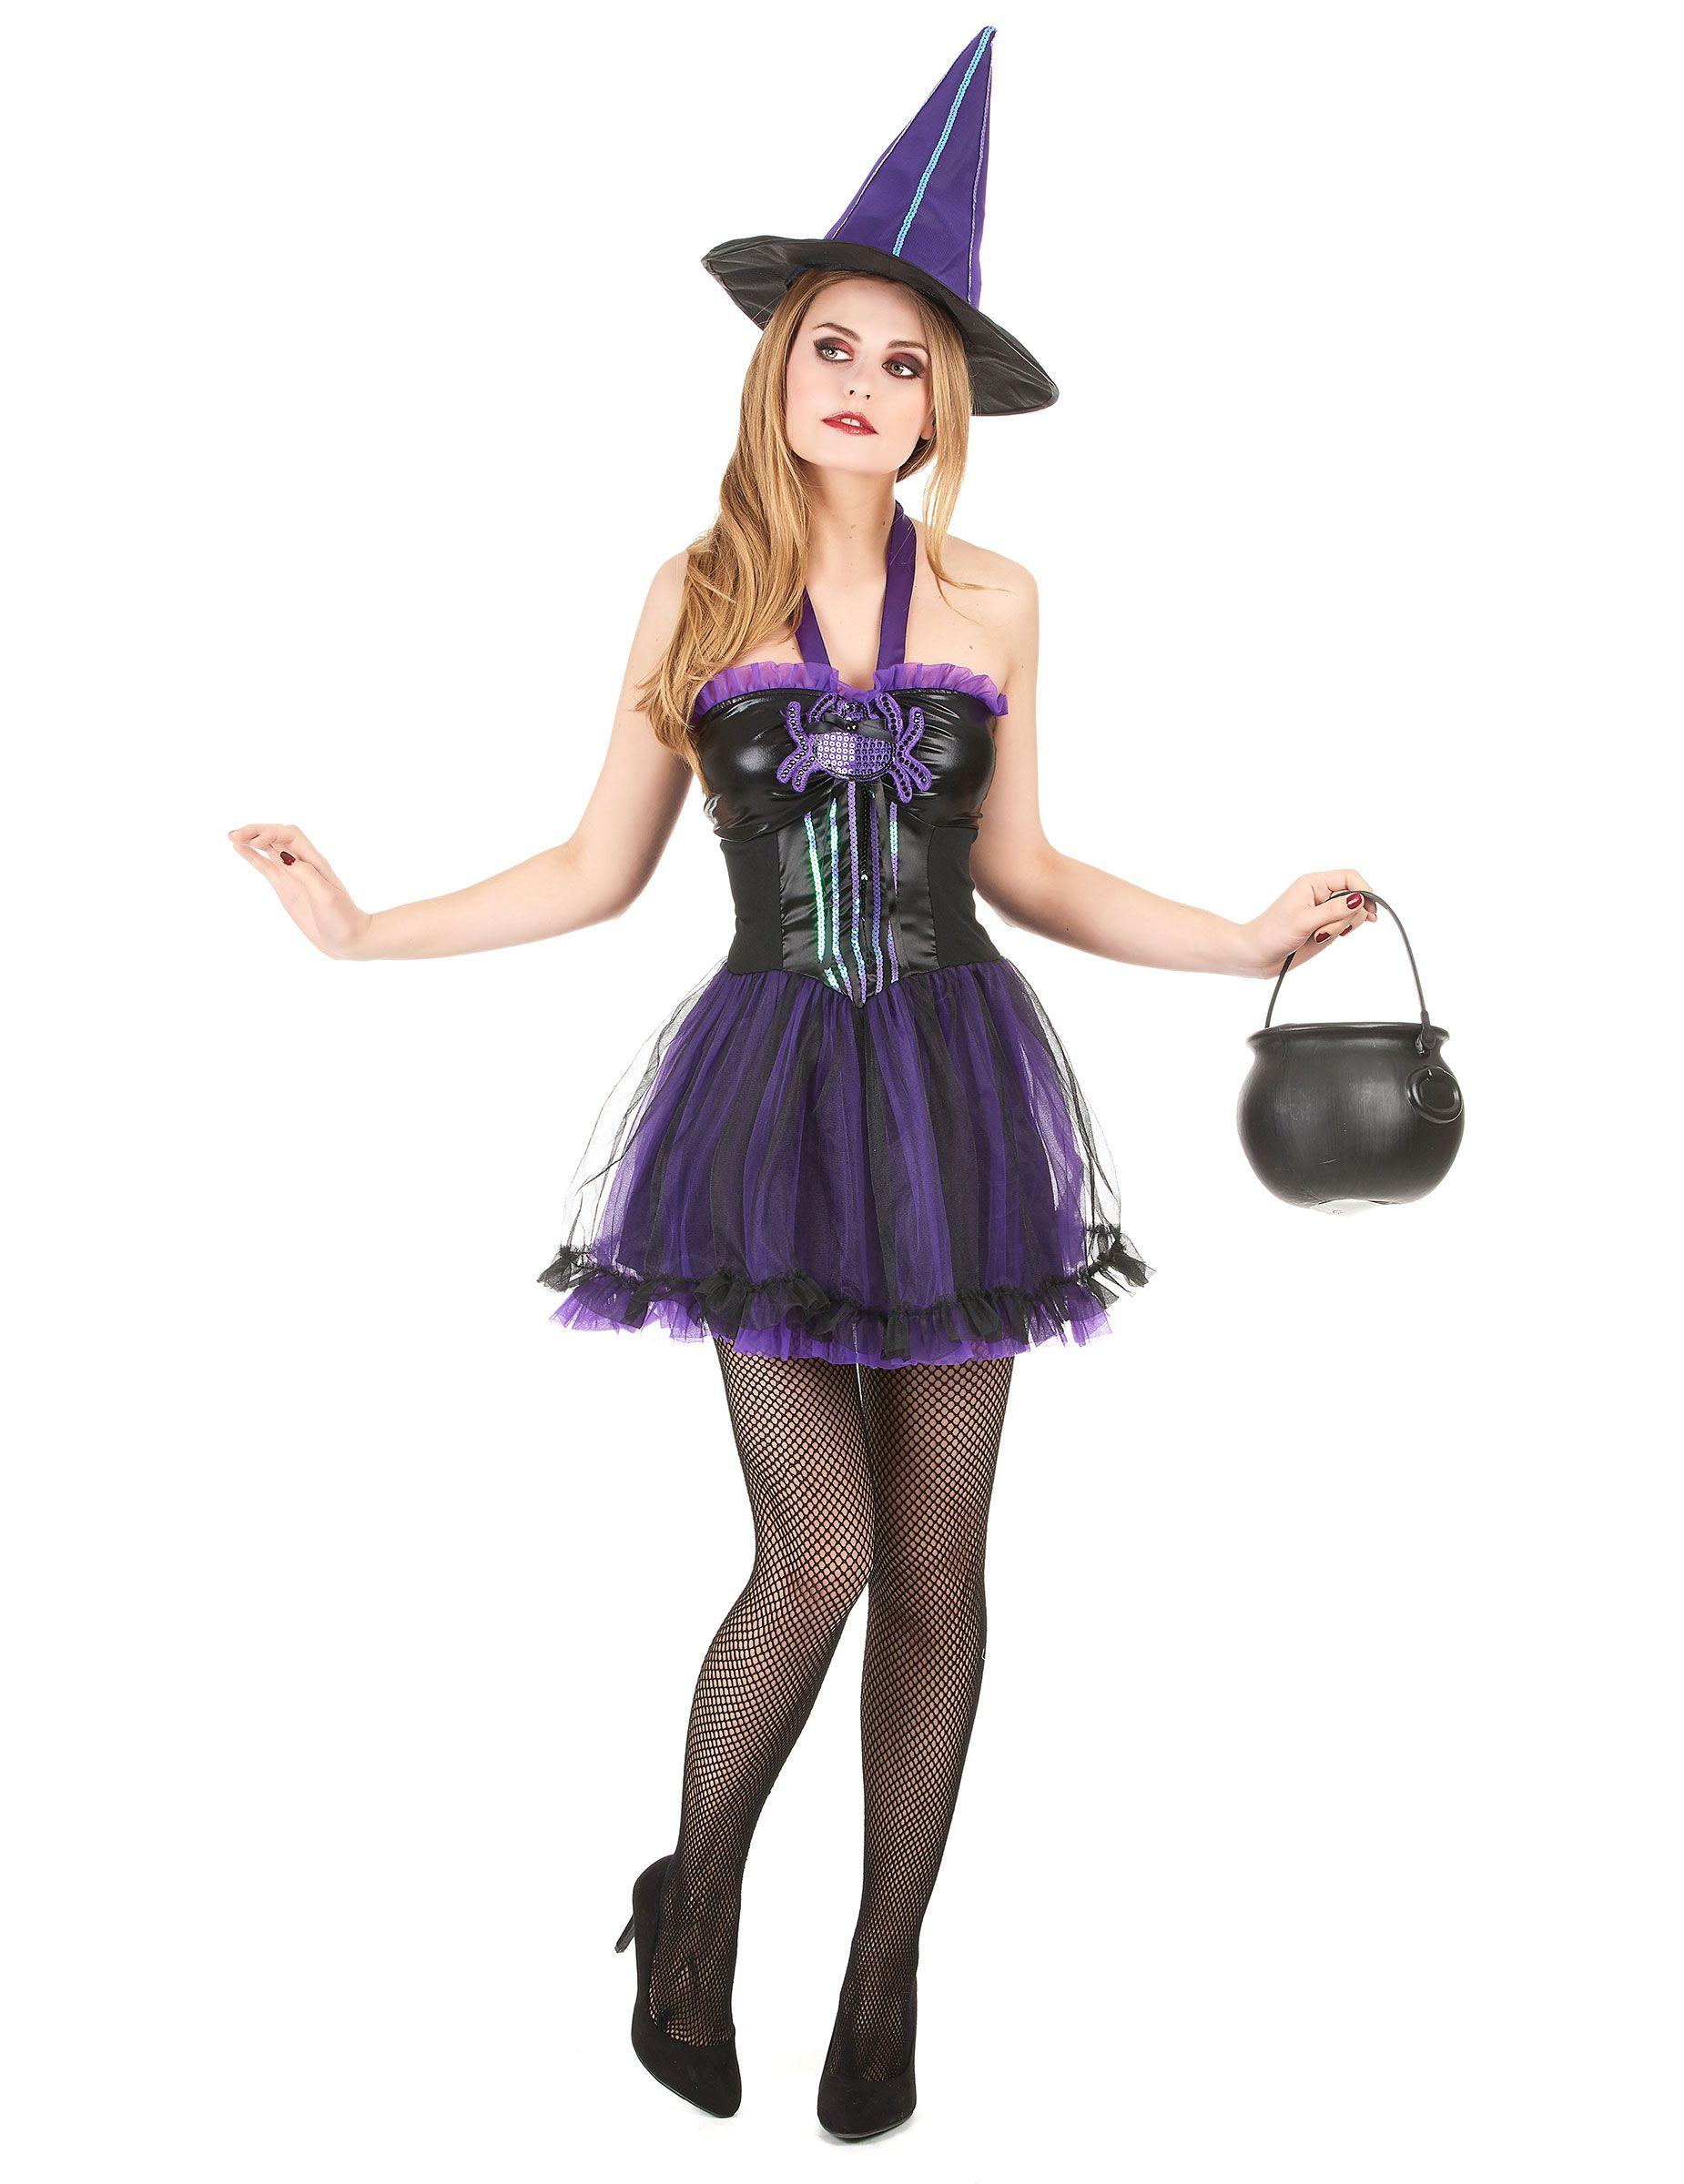 Costume strega donna Halloween  Questo costume da strega da donna è  composto da un vestito 2096060dc678